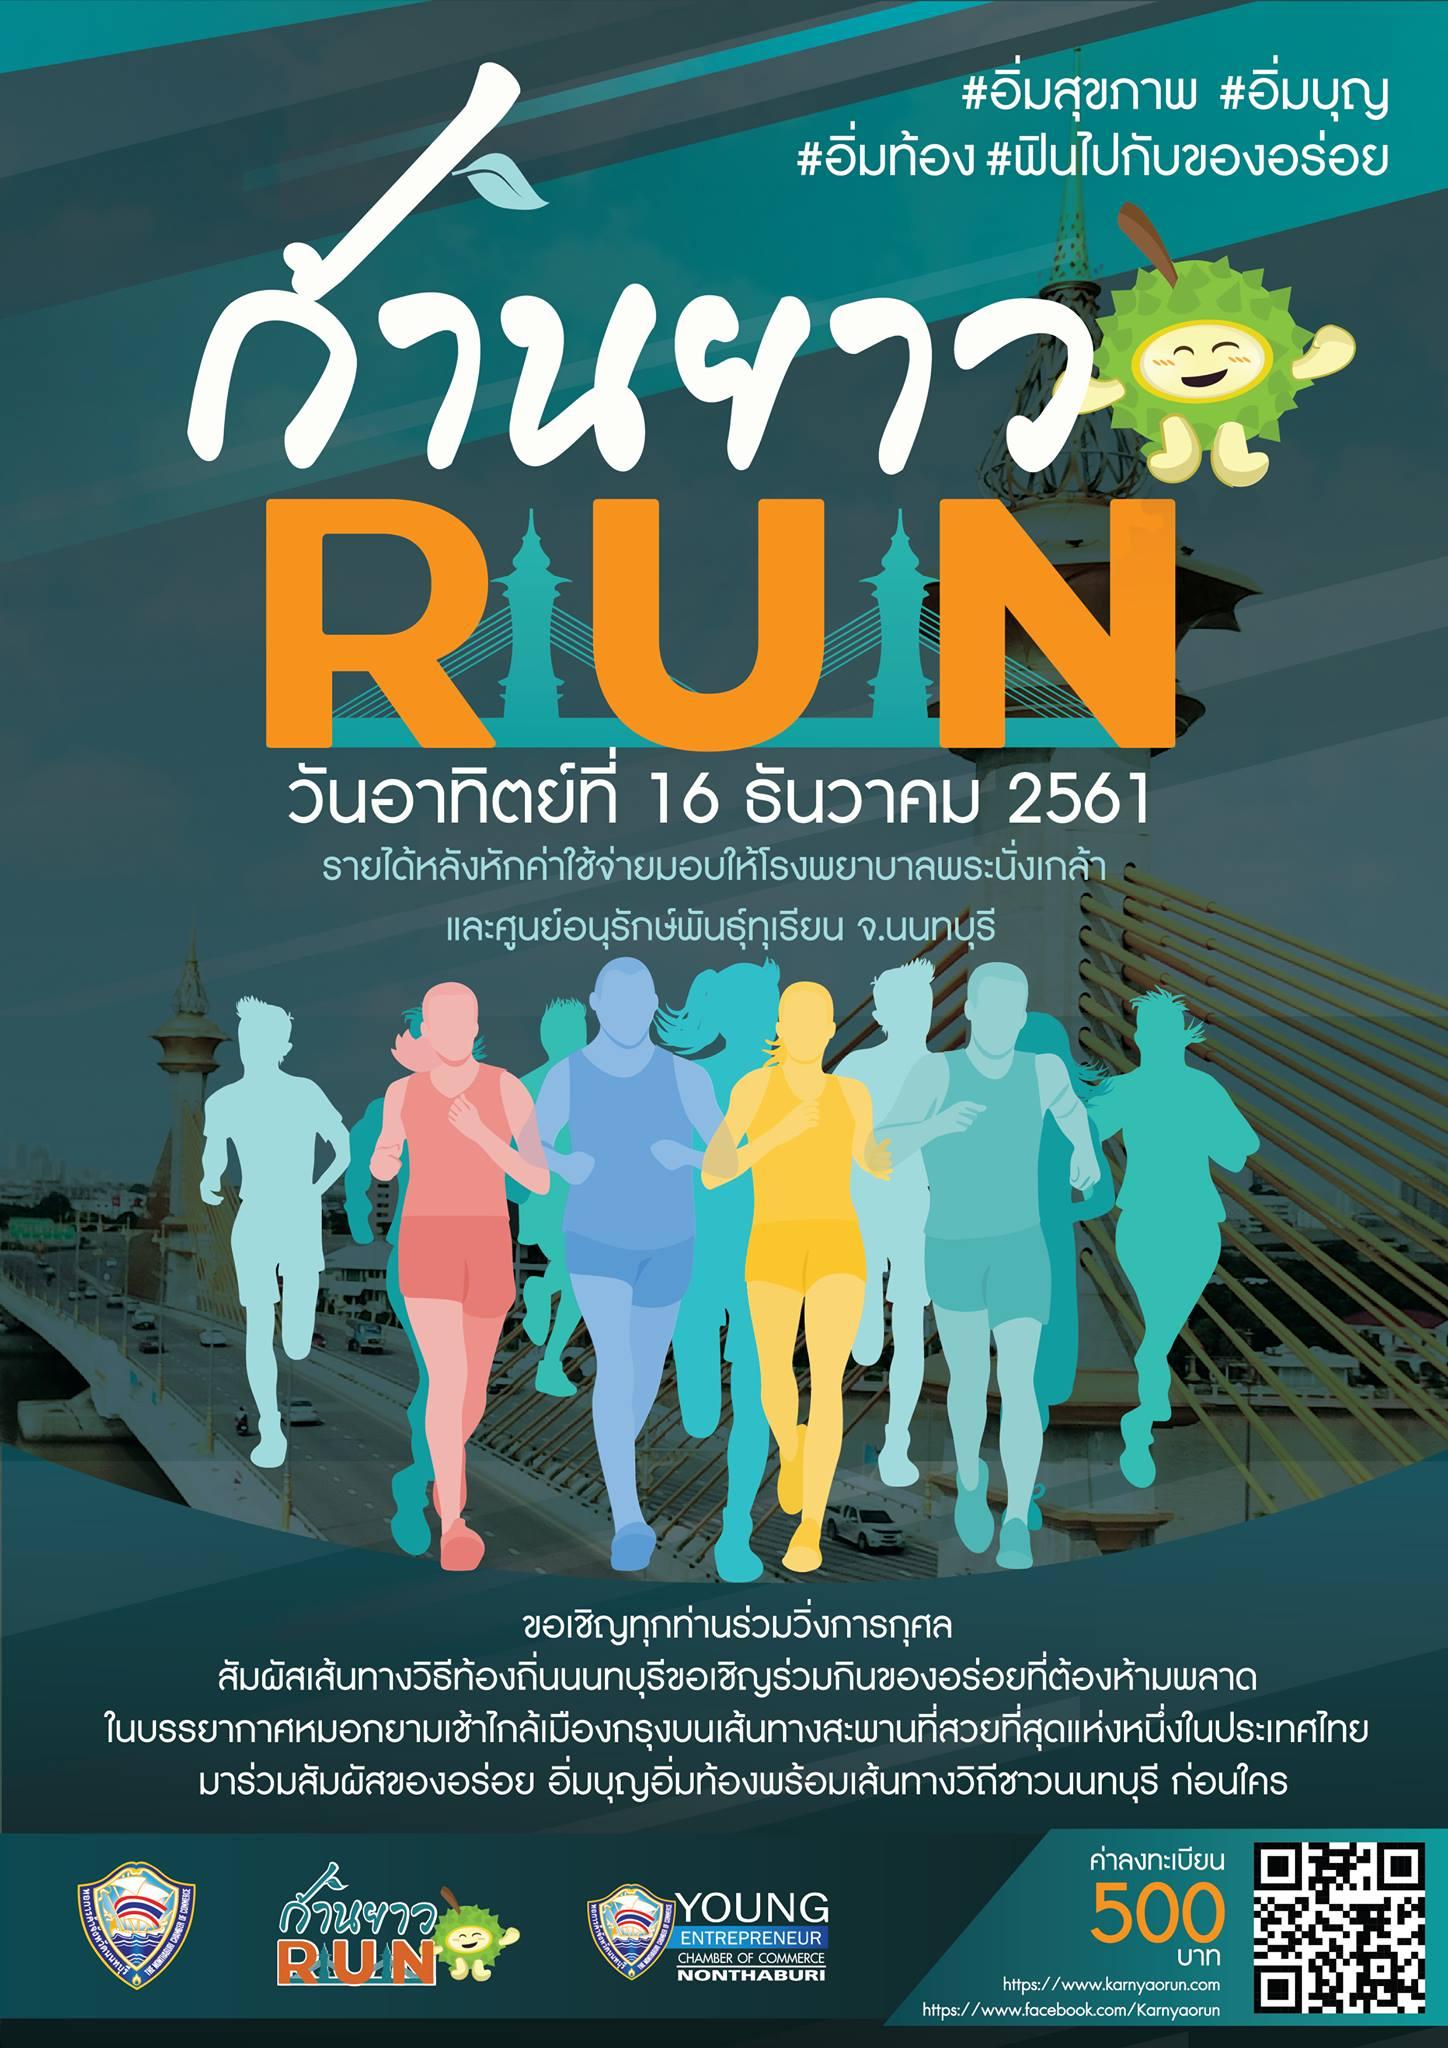 งานวิ่ง ก้านยาวรัน 2018 จังหวัดนนทบุรี